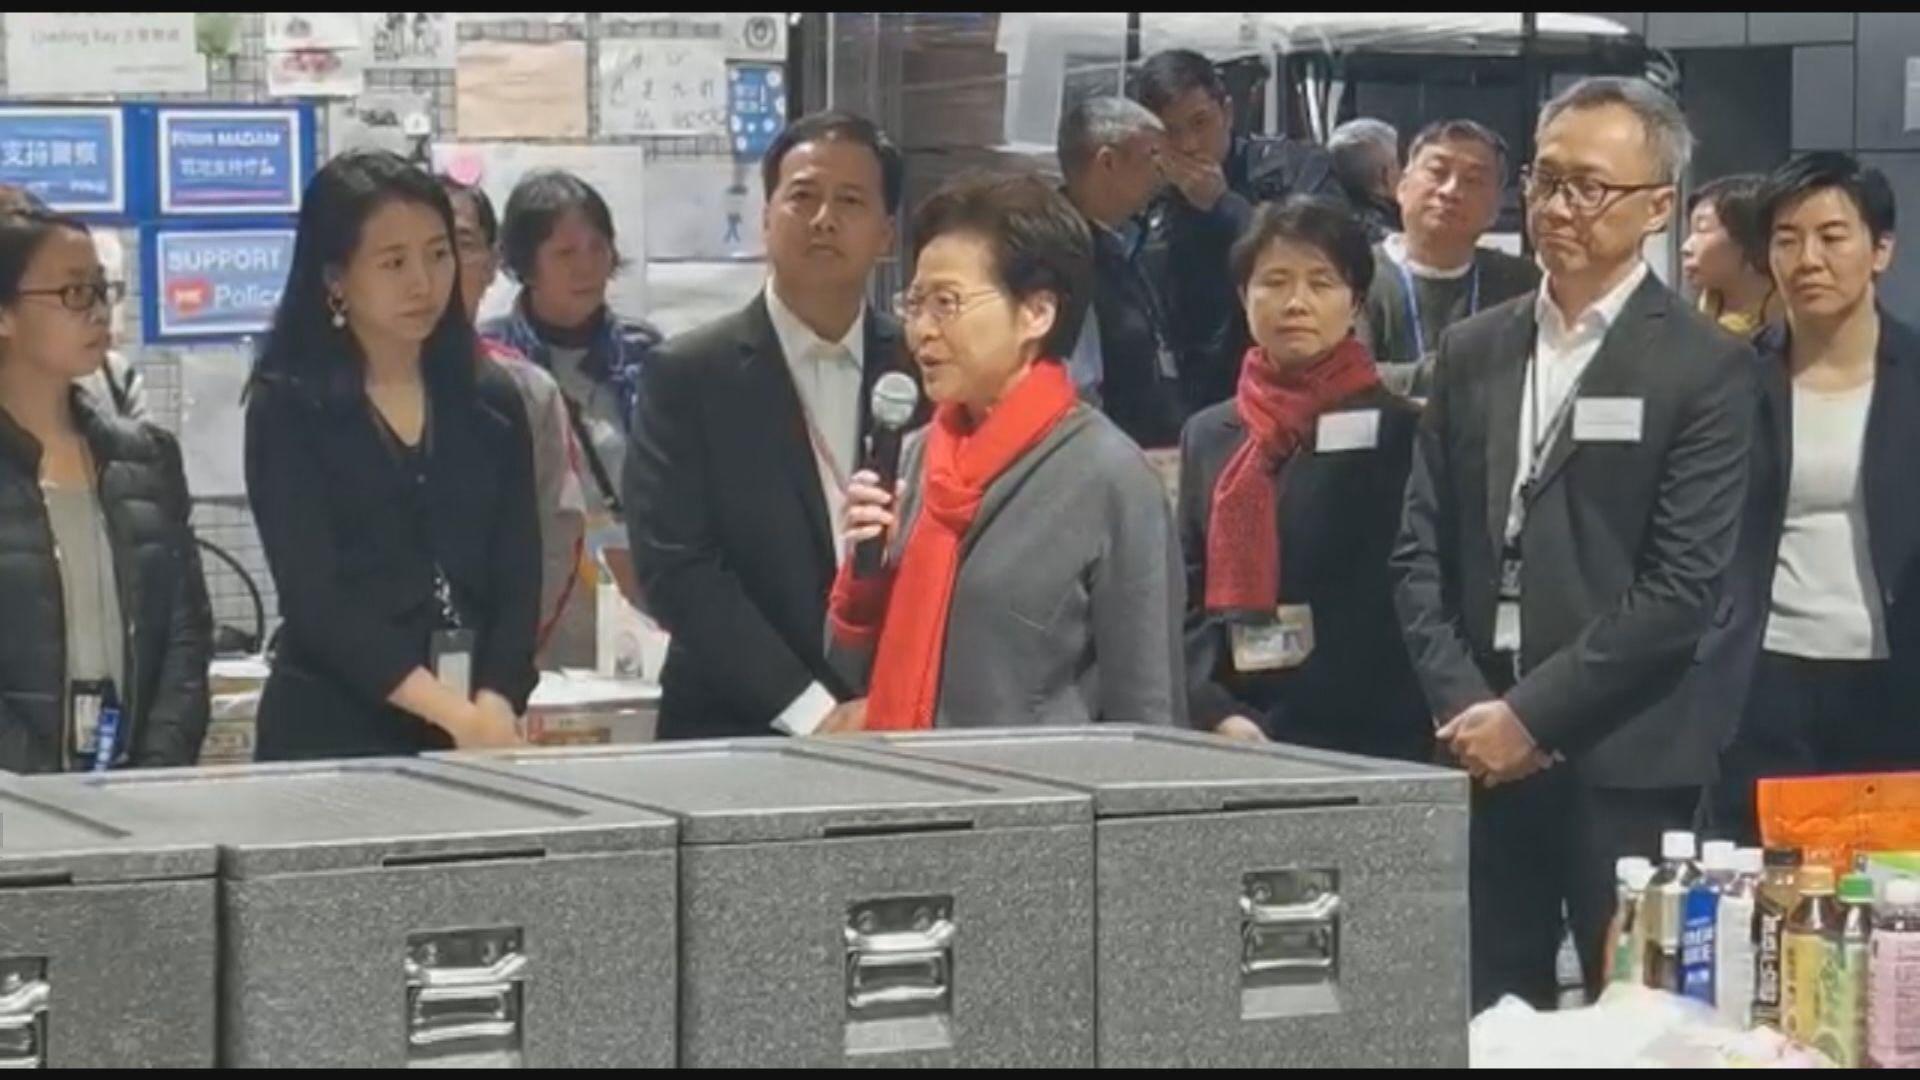 林鄭:市民及國際社會早晚會知道香港警隊是卓越